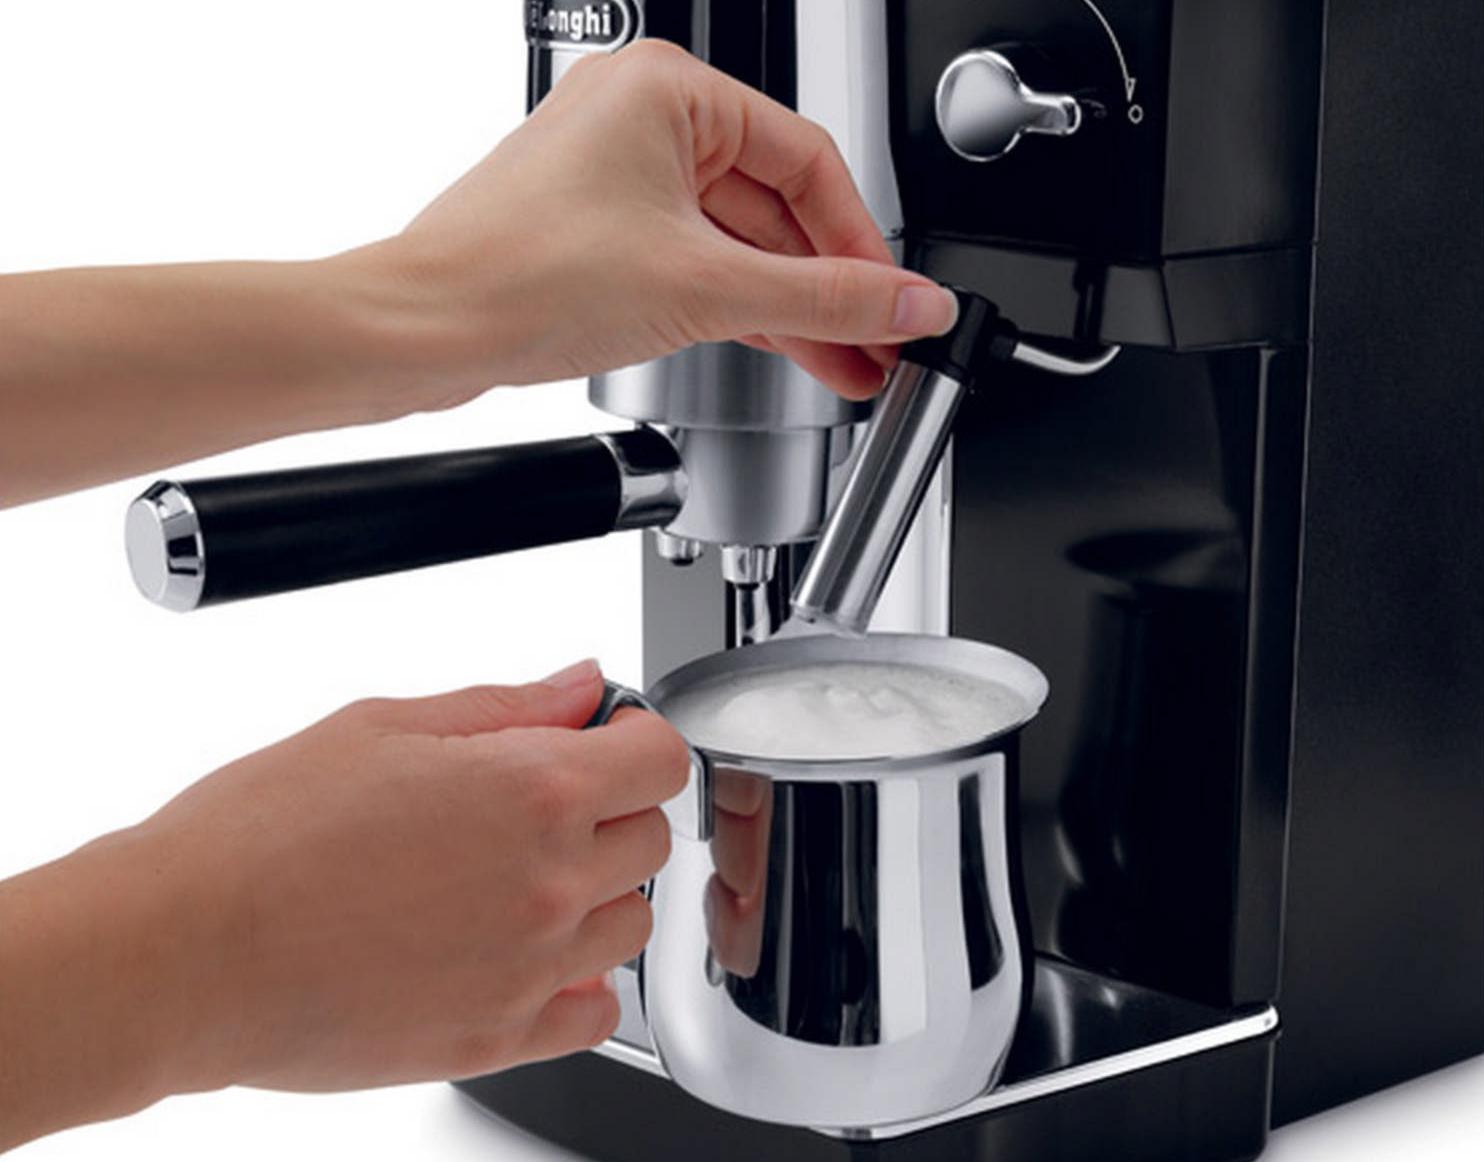 Капсульная или капельная кофеварка что лучше